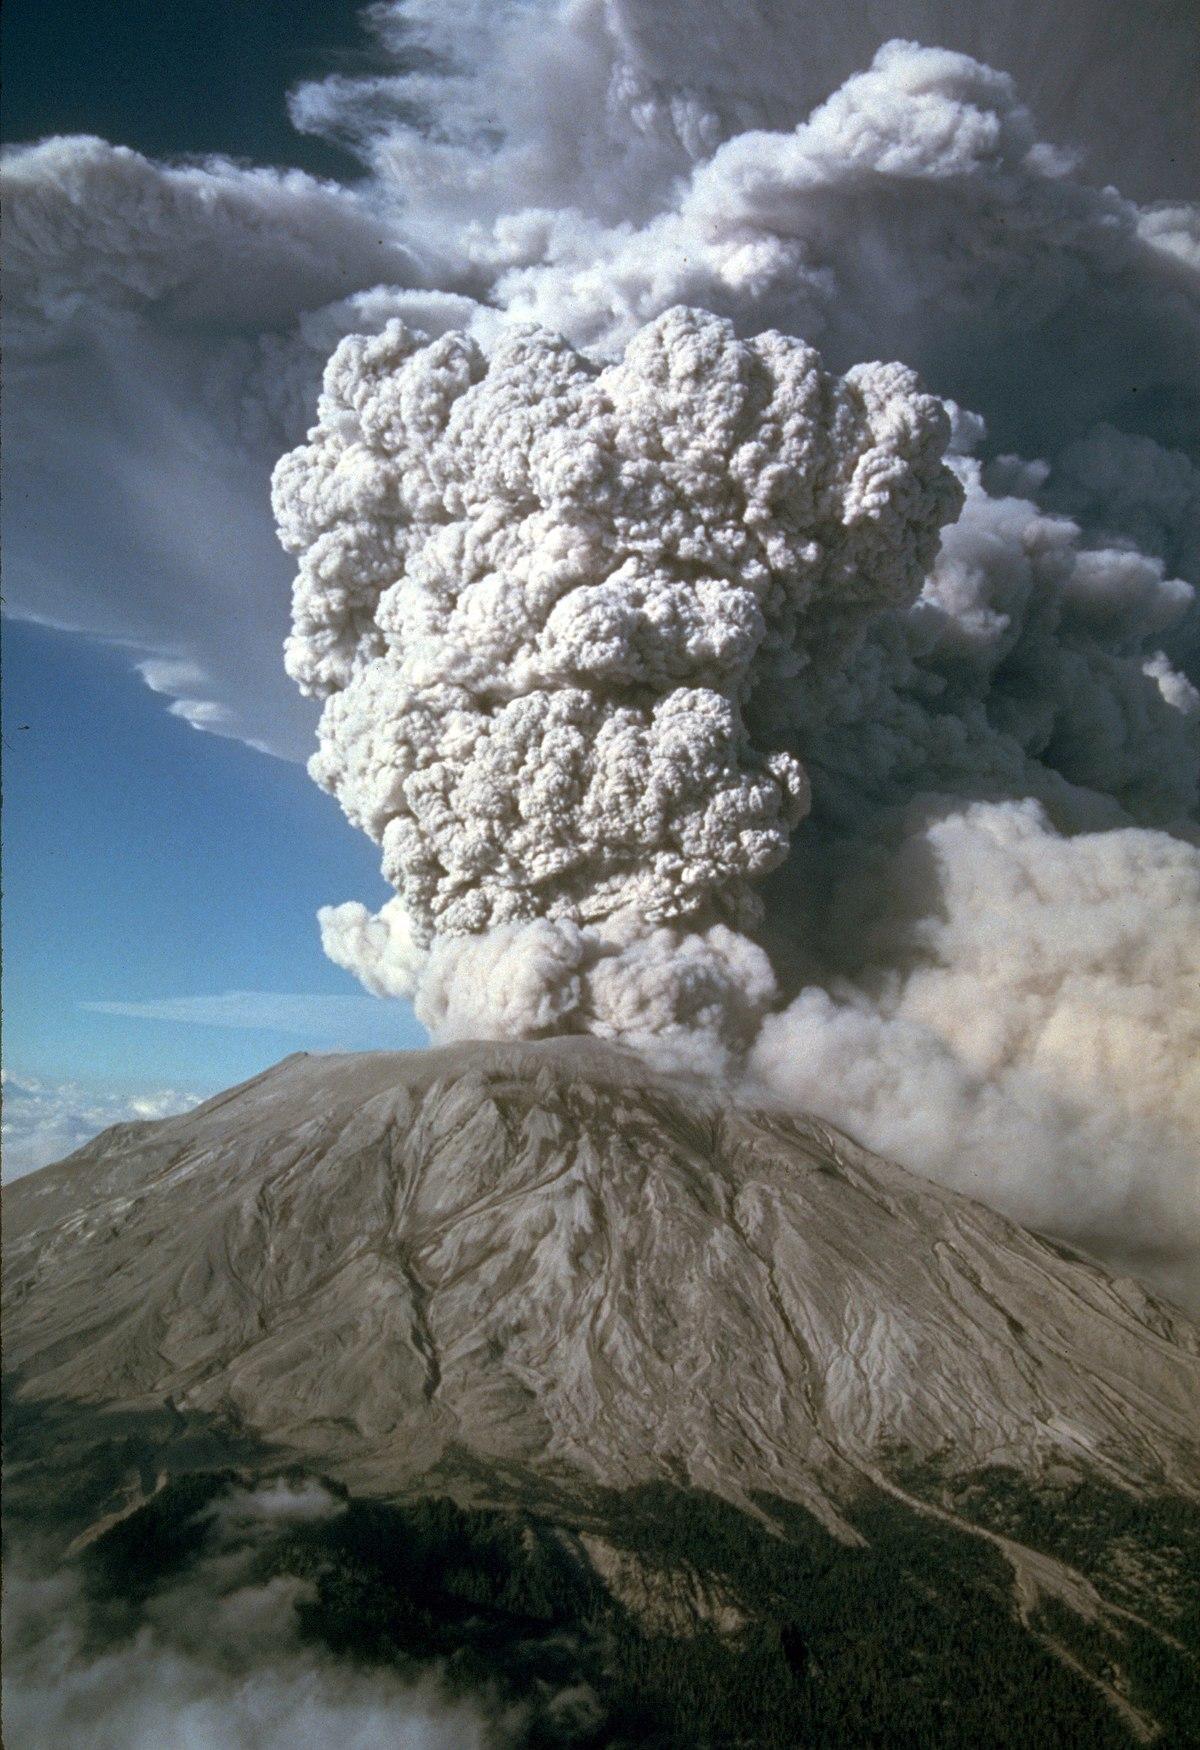 Penki ugnikalniai iskile ploksciu pakrasciuose